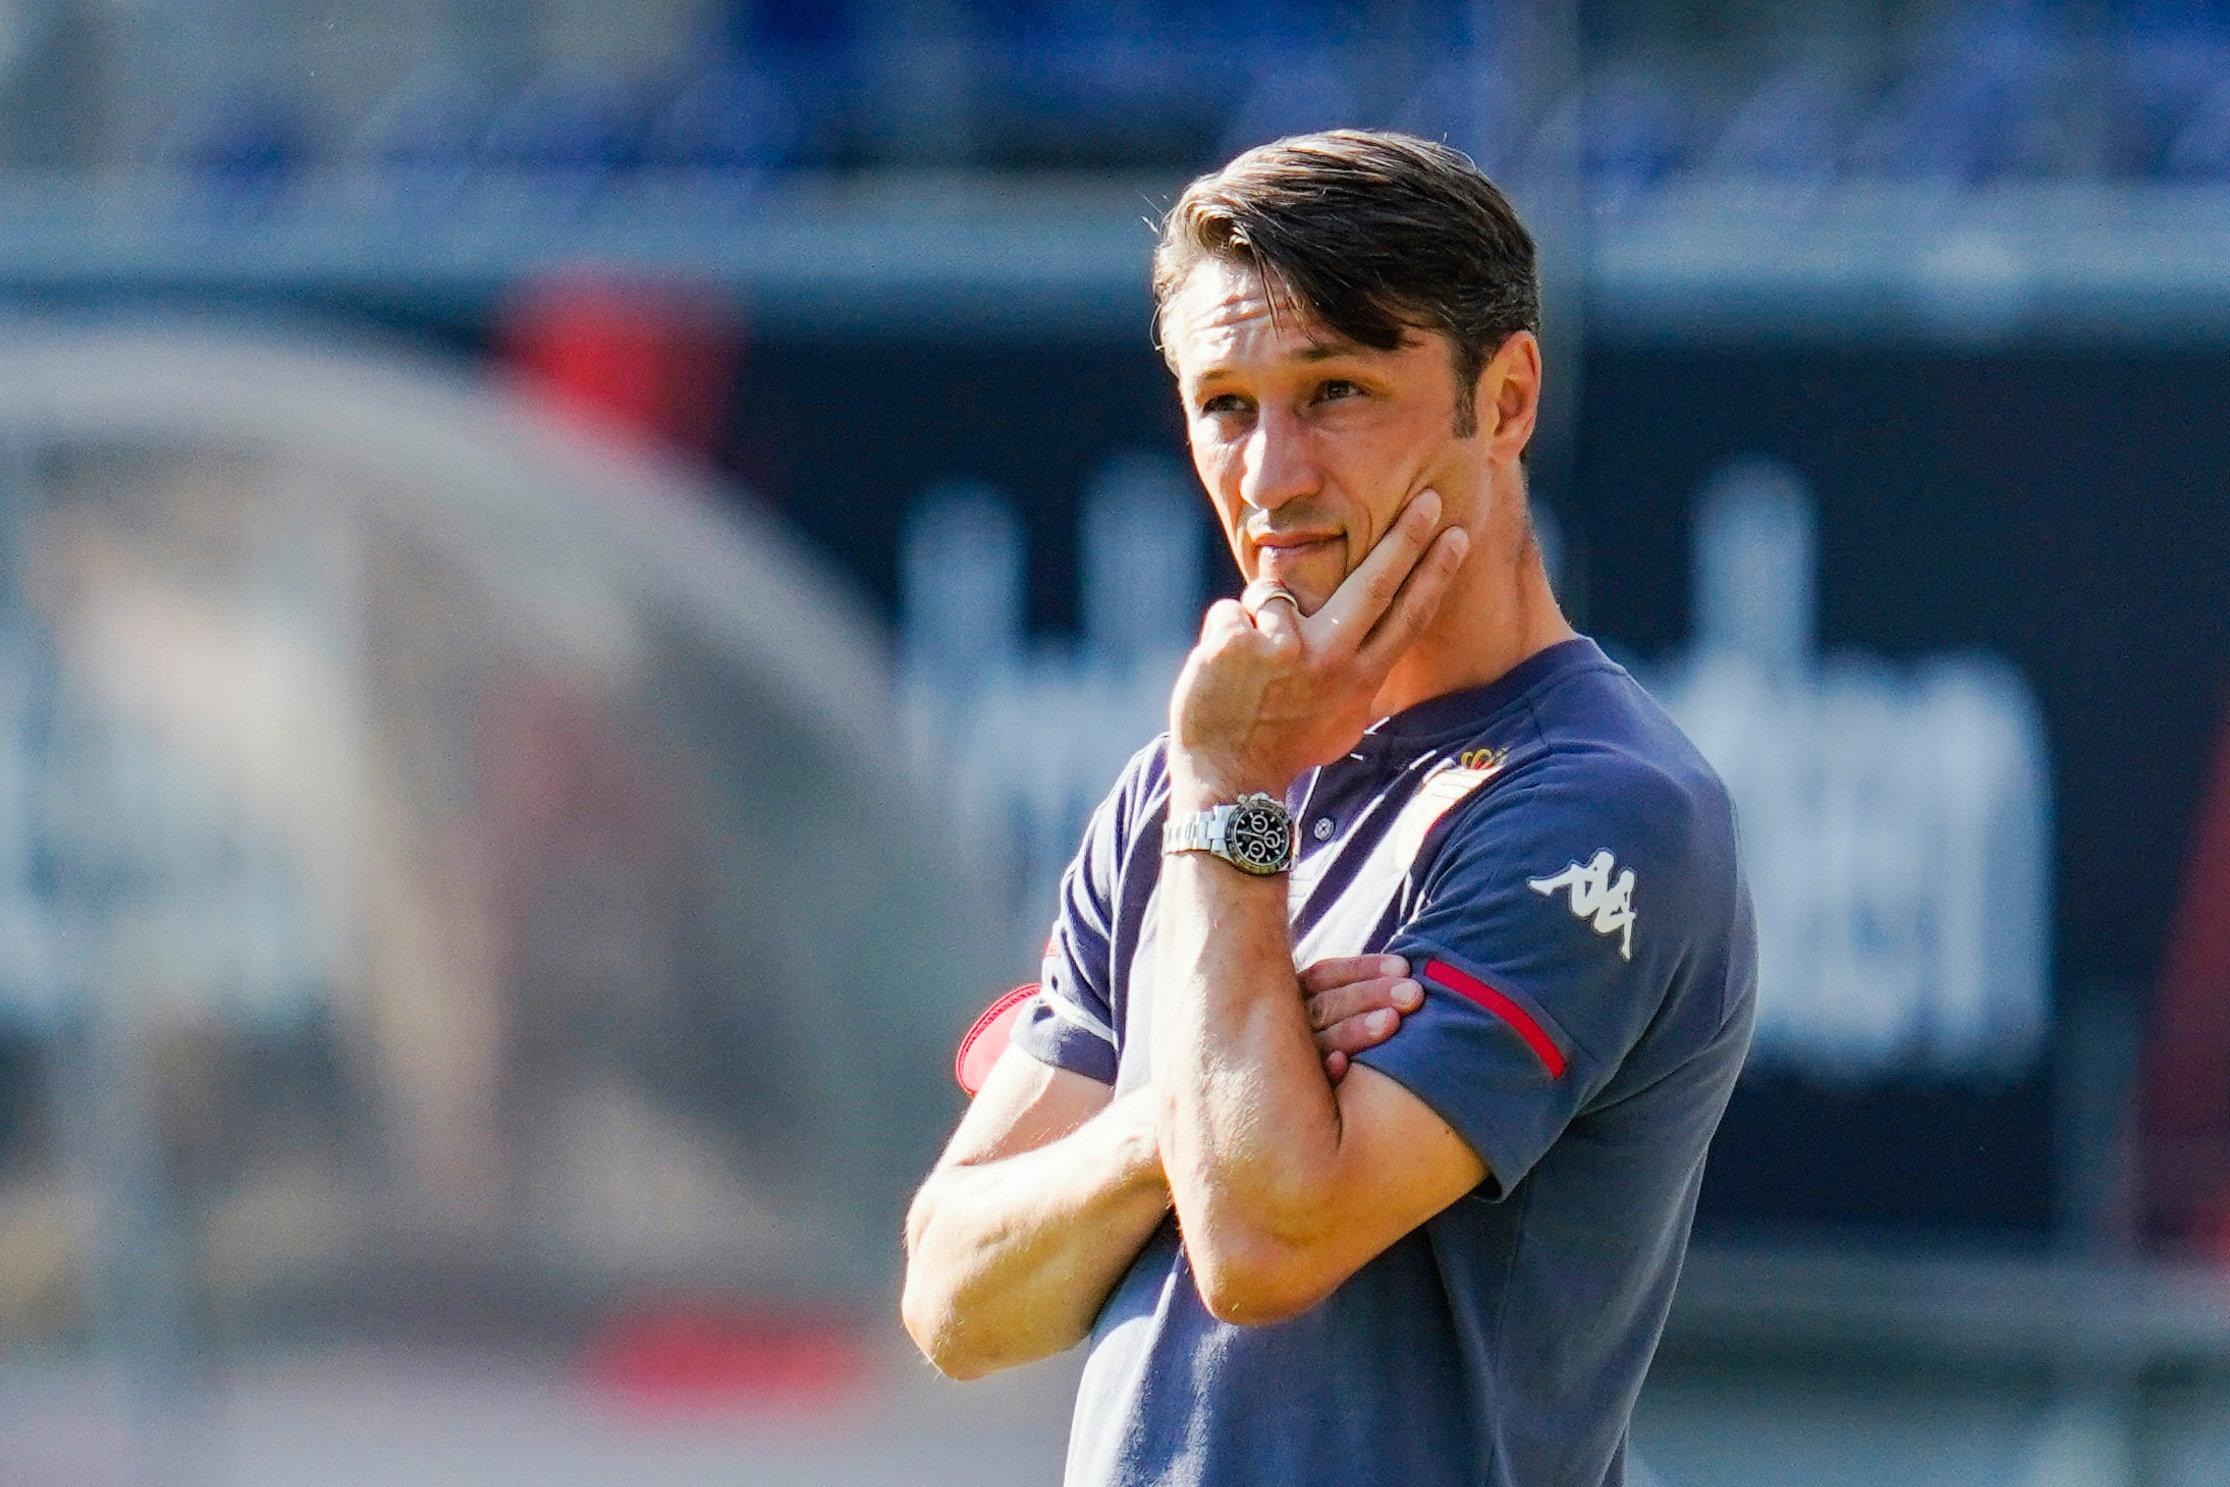 Niko Kovac darf wegen eines positiven Covid-Tests nicht mehr an der Seitenlinie stehen.